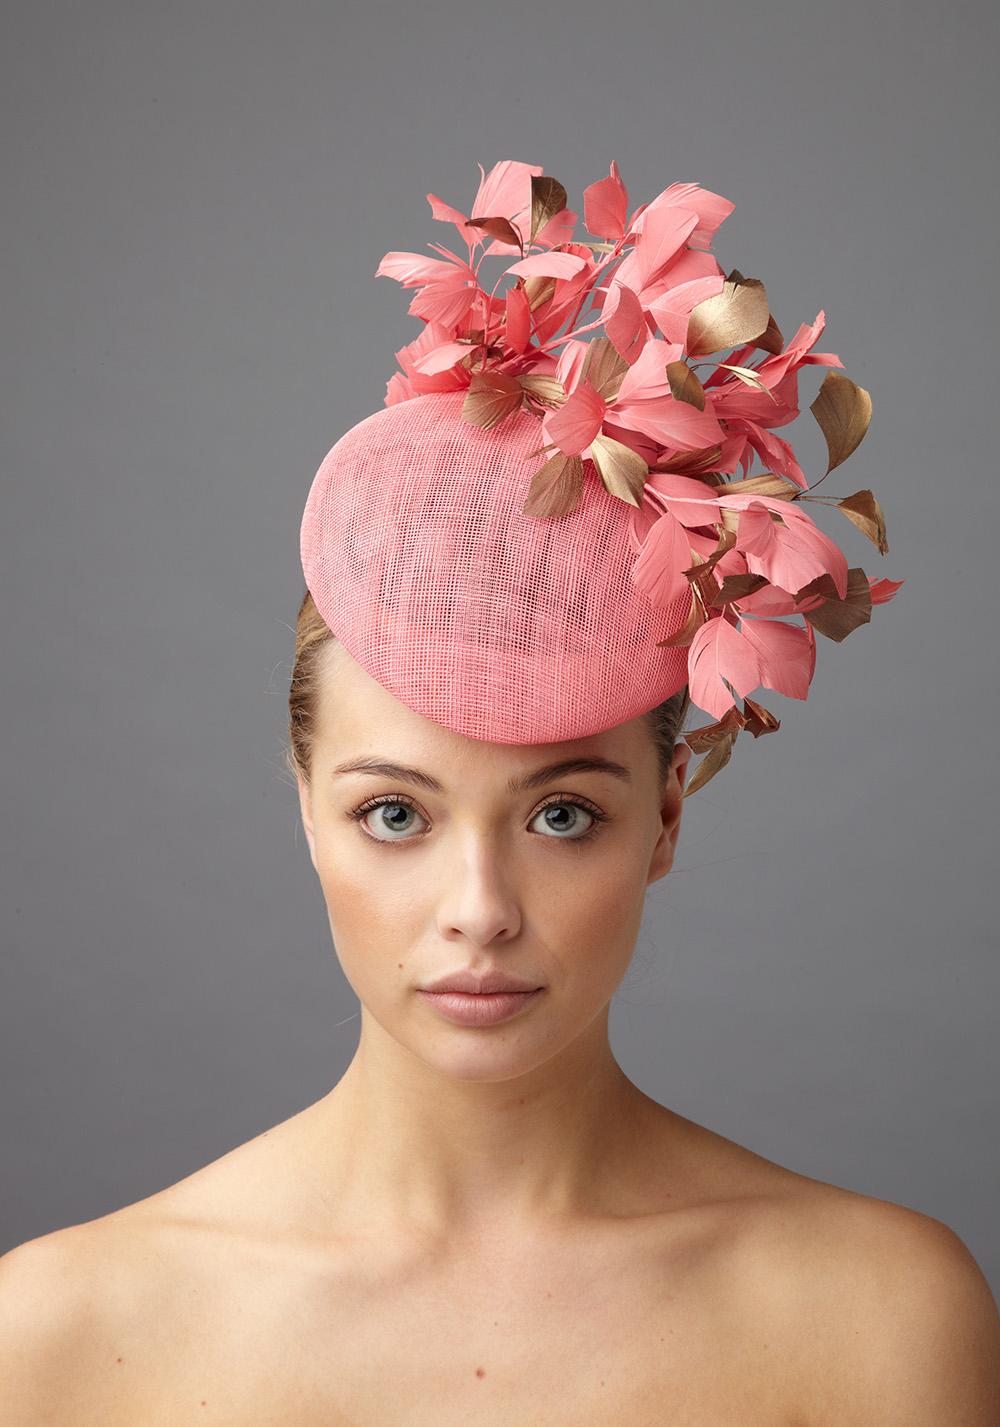 561ddd1b Hayworth Pillbox hat by Hostie Hats